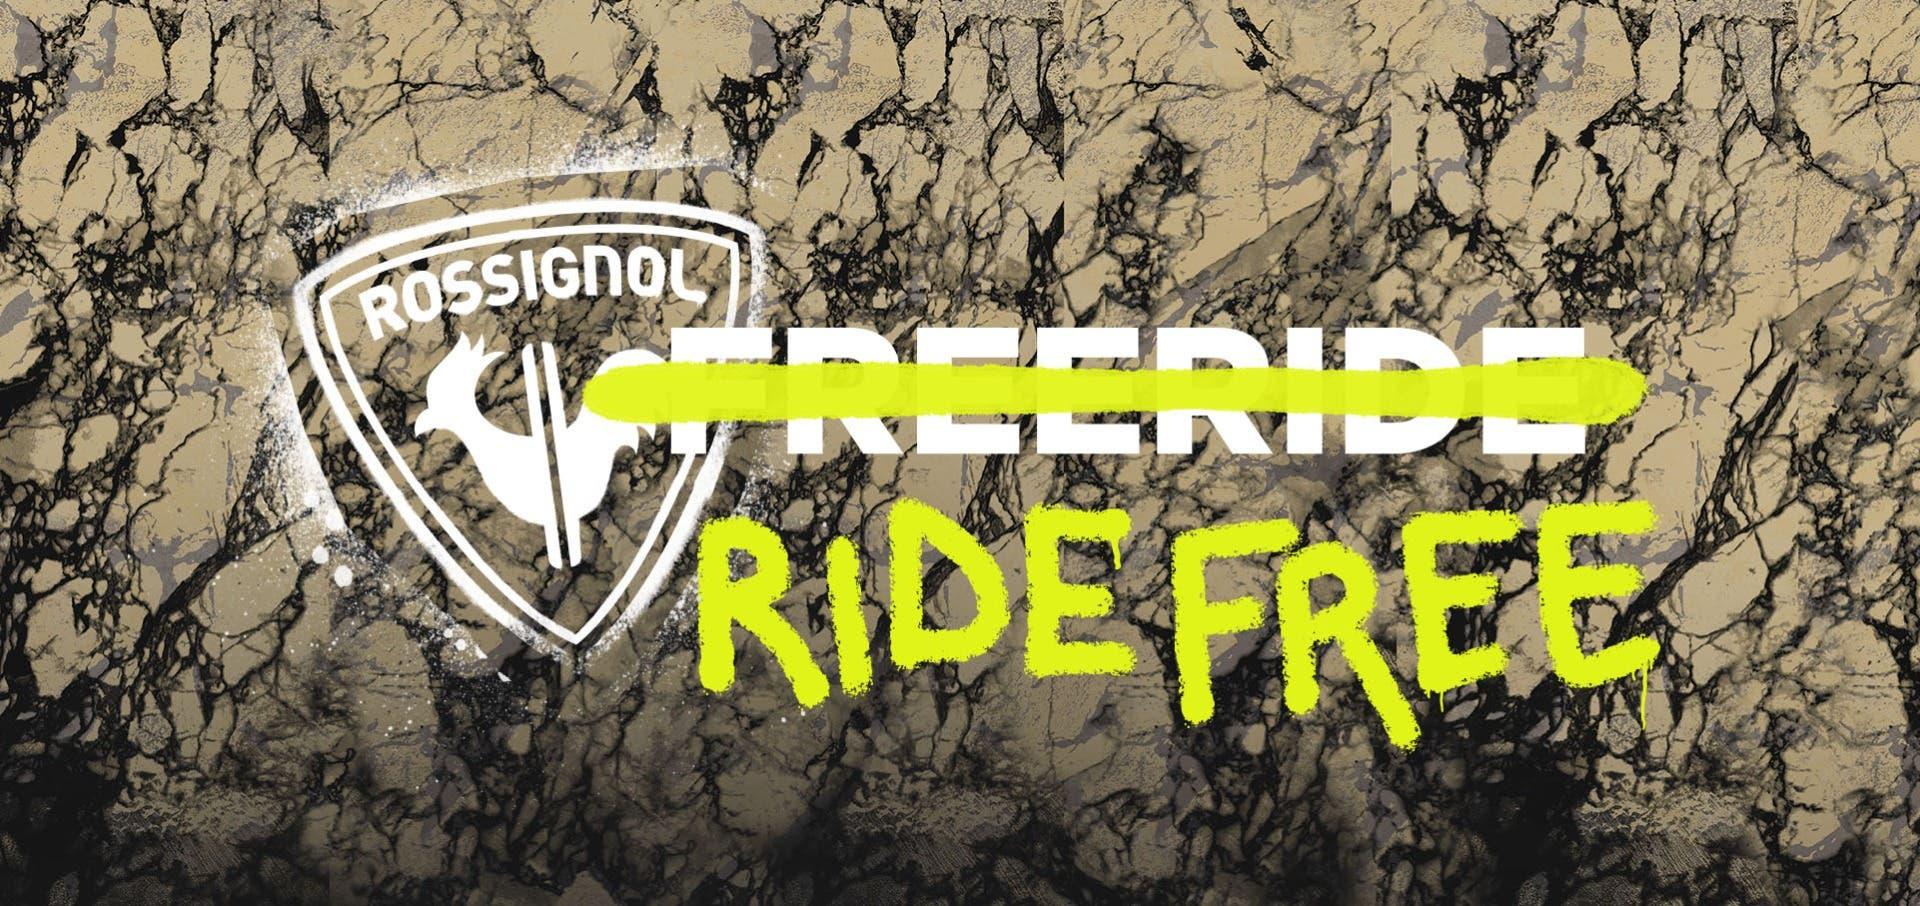 Rossignol freeride ski blackops Ride Free